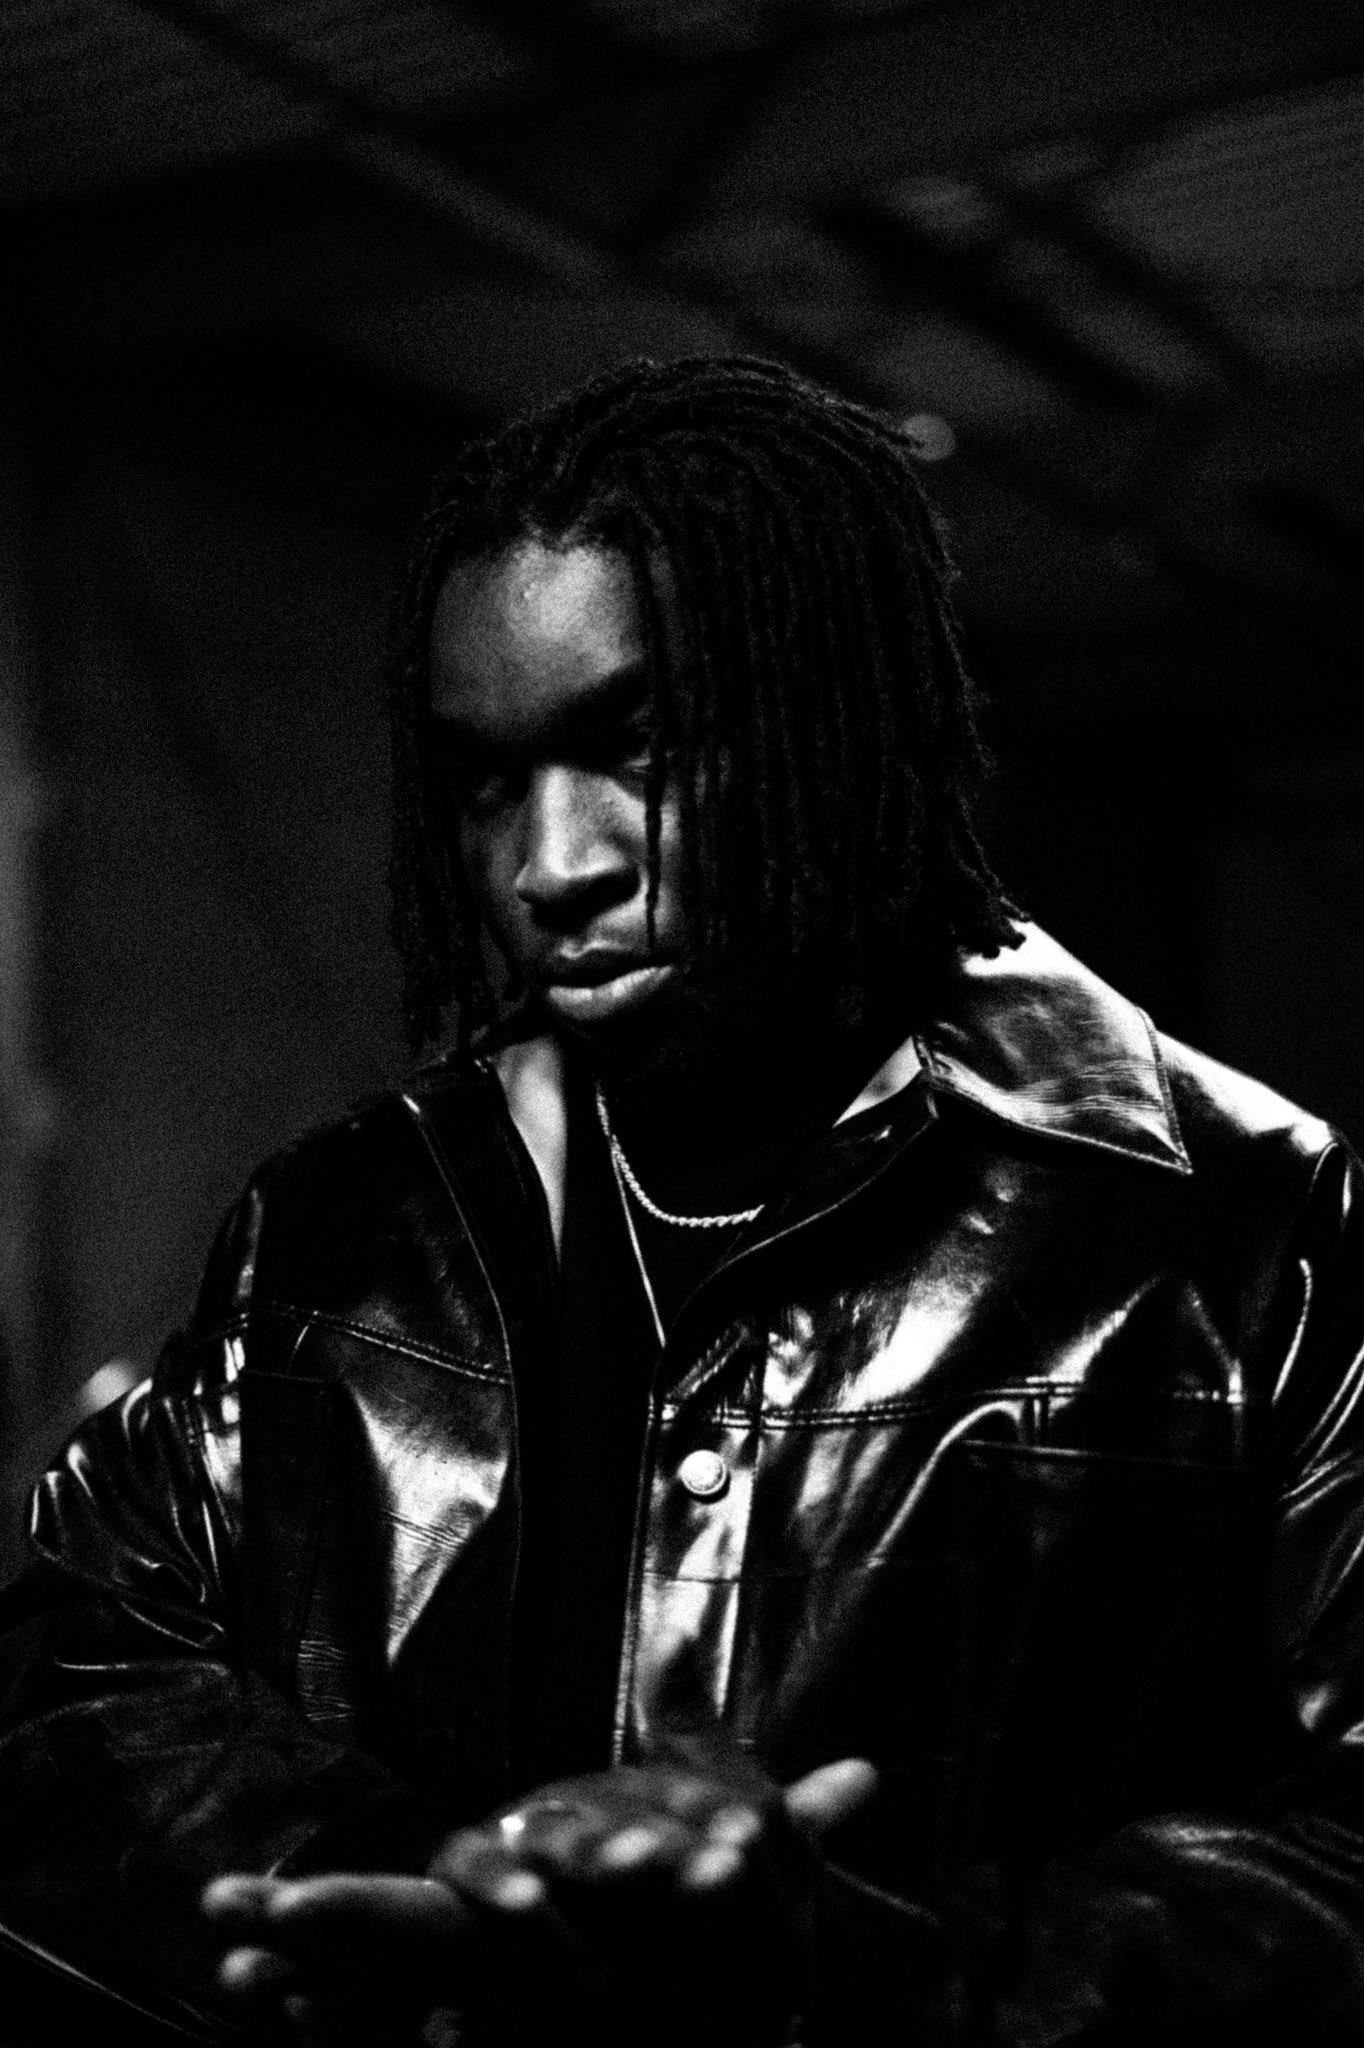 Frenetik révèle un « Jeu De Couleurs » surprenant